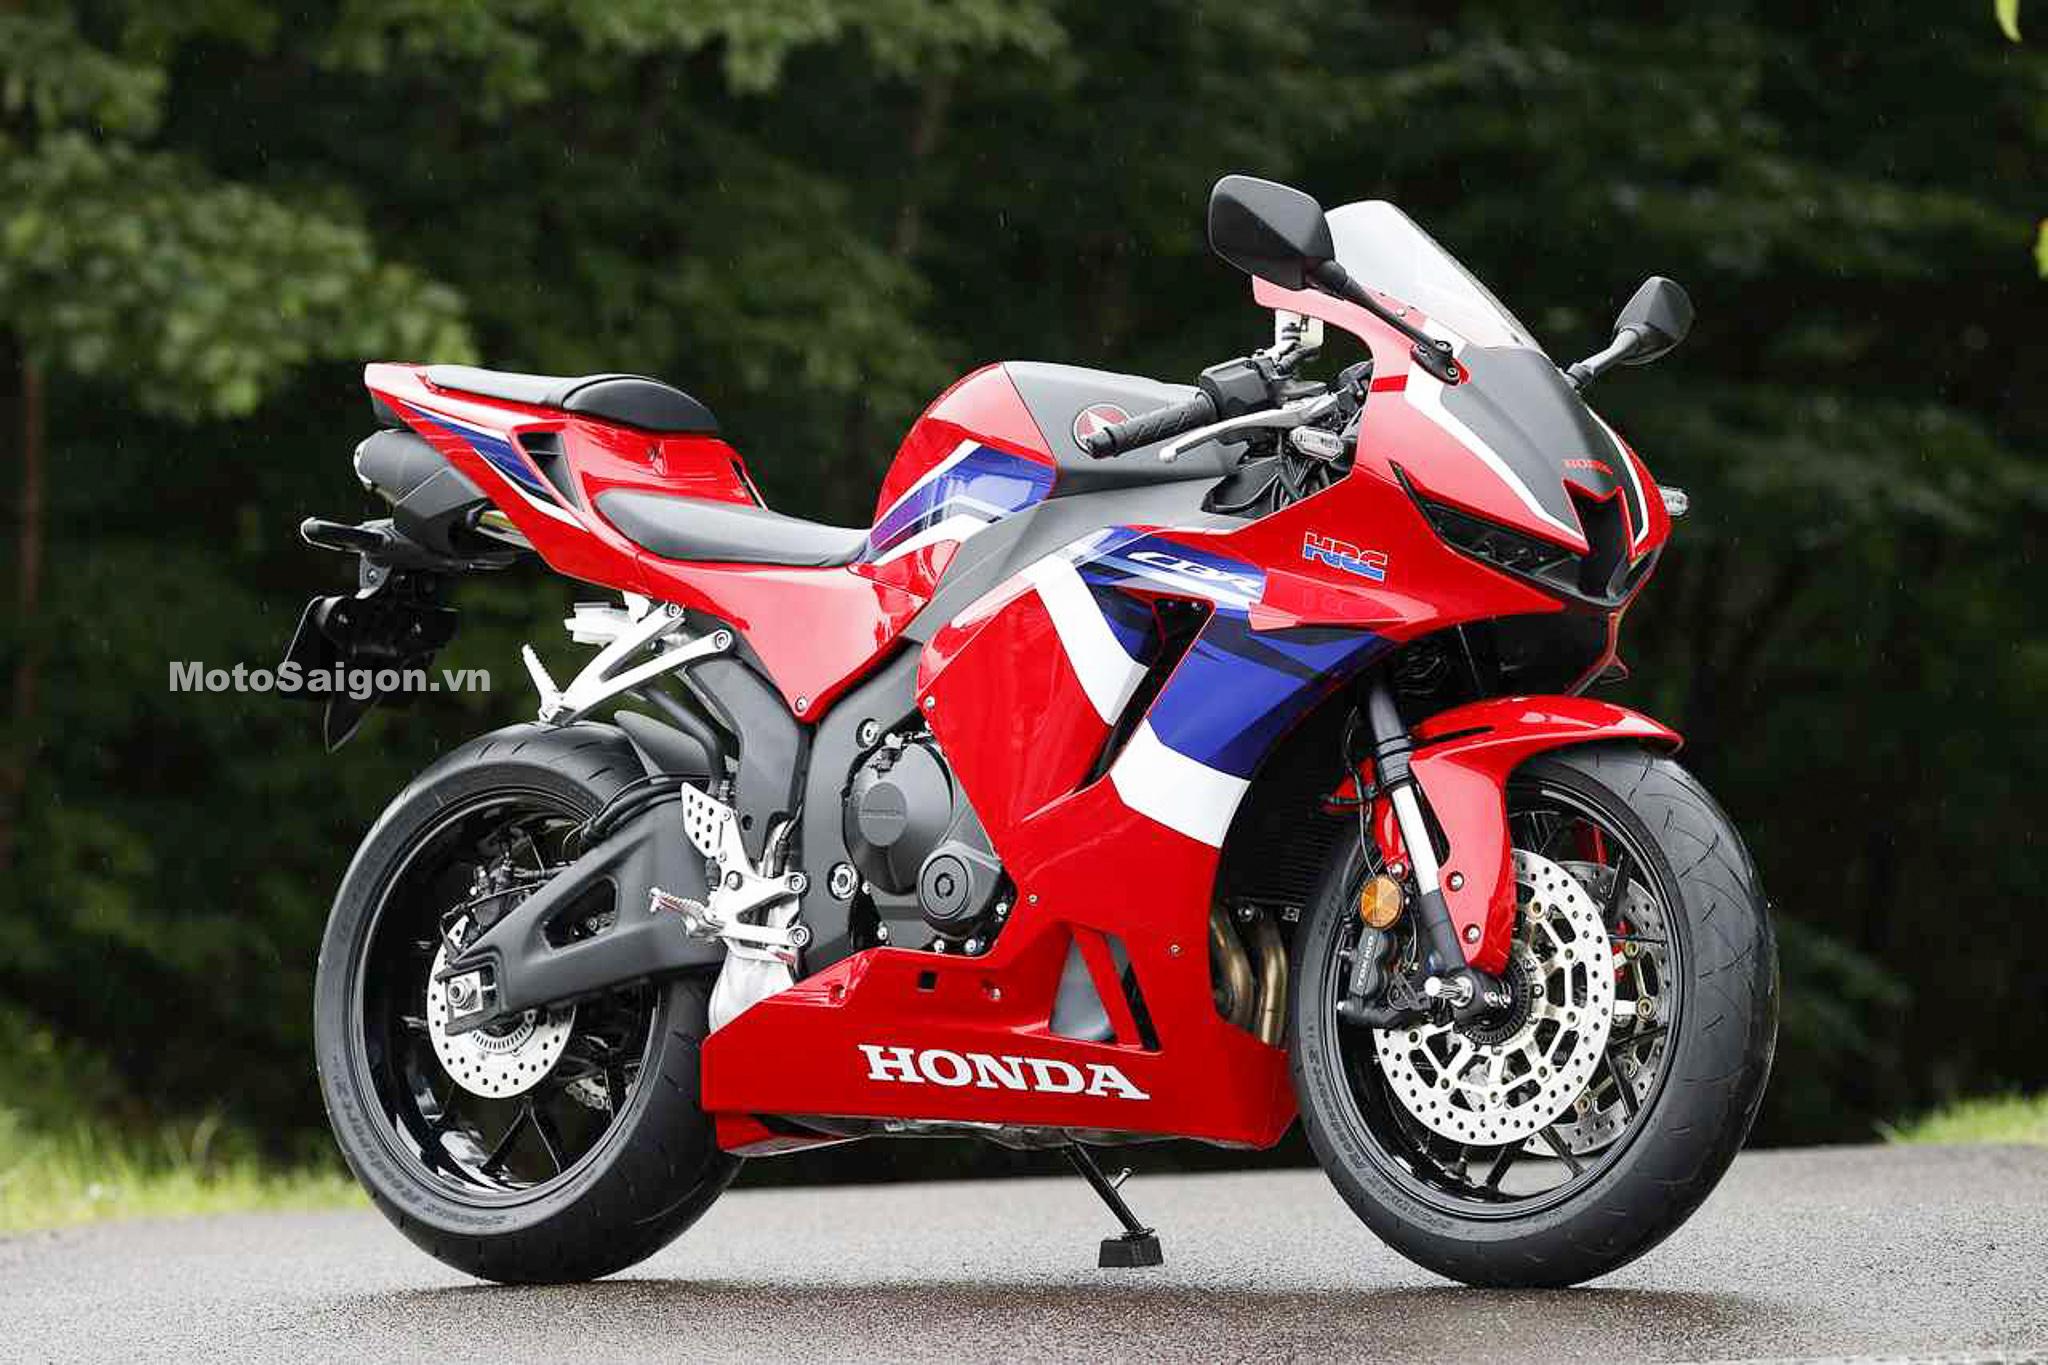 Hình ảnh Honda CBR600RR 2021 trước ngày công bố giá bán